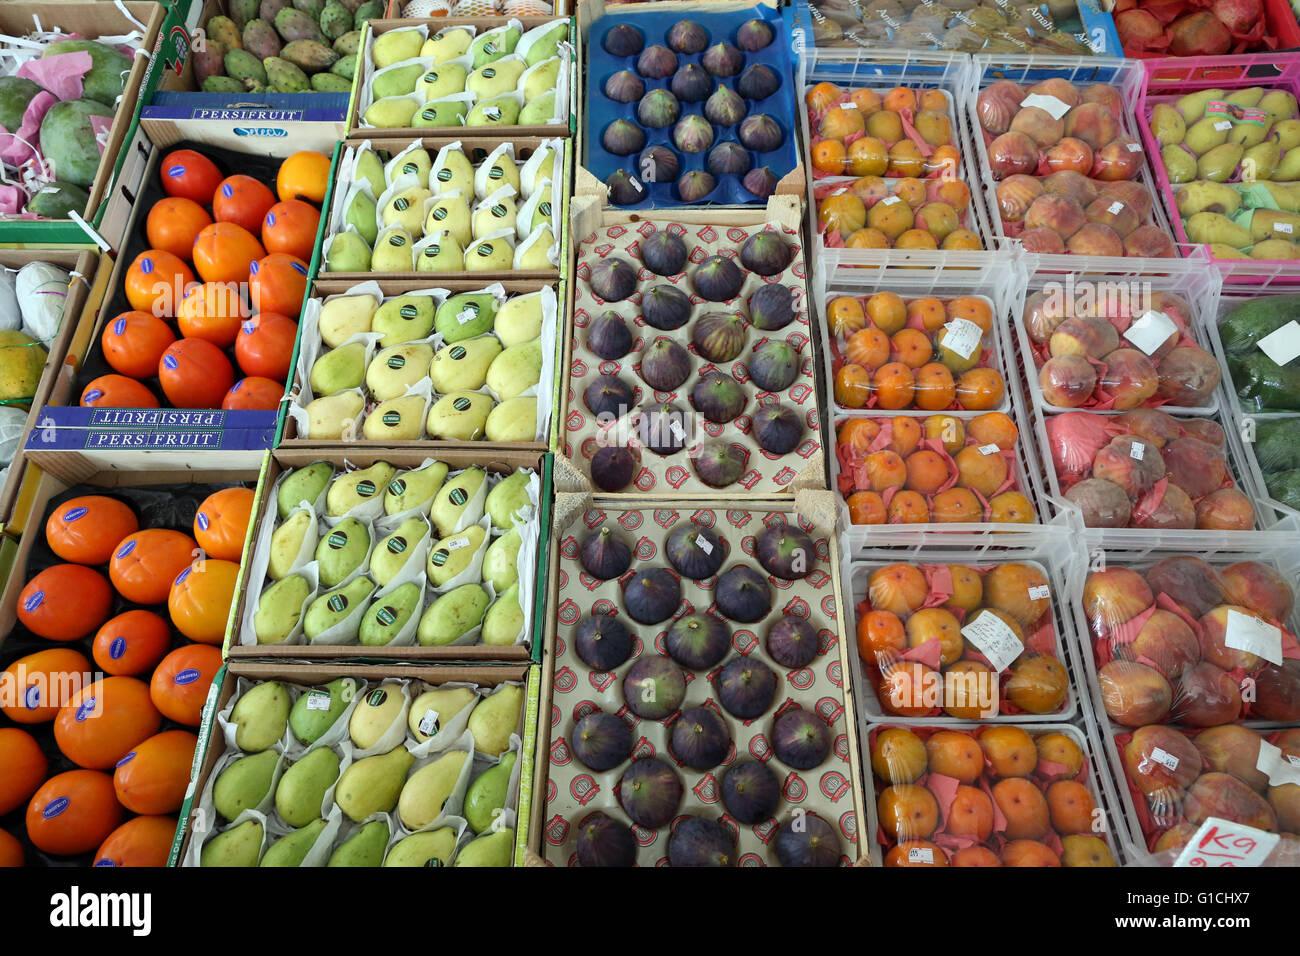 Mina Fruit and Vegetable Market[, Abu Dhabi  United Arab